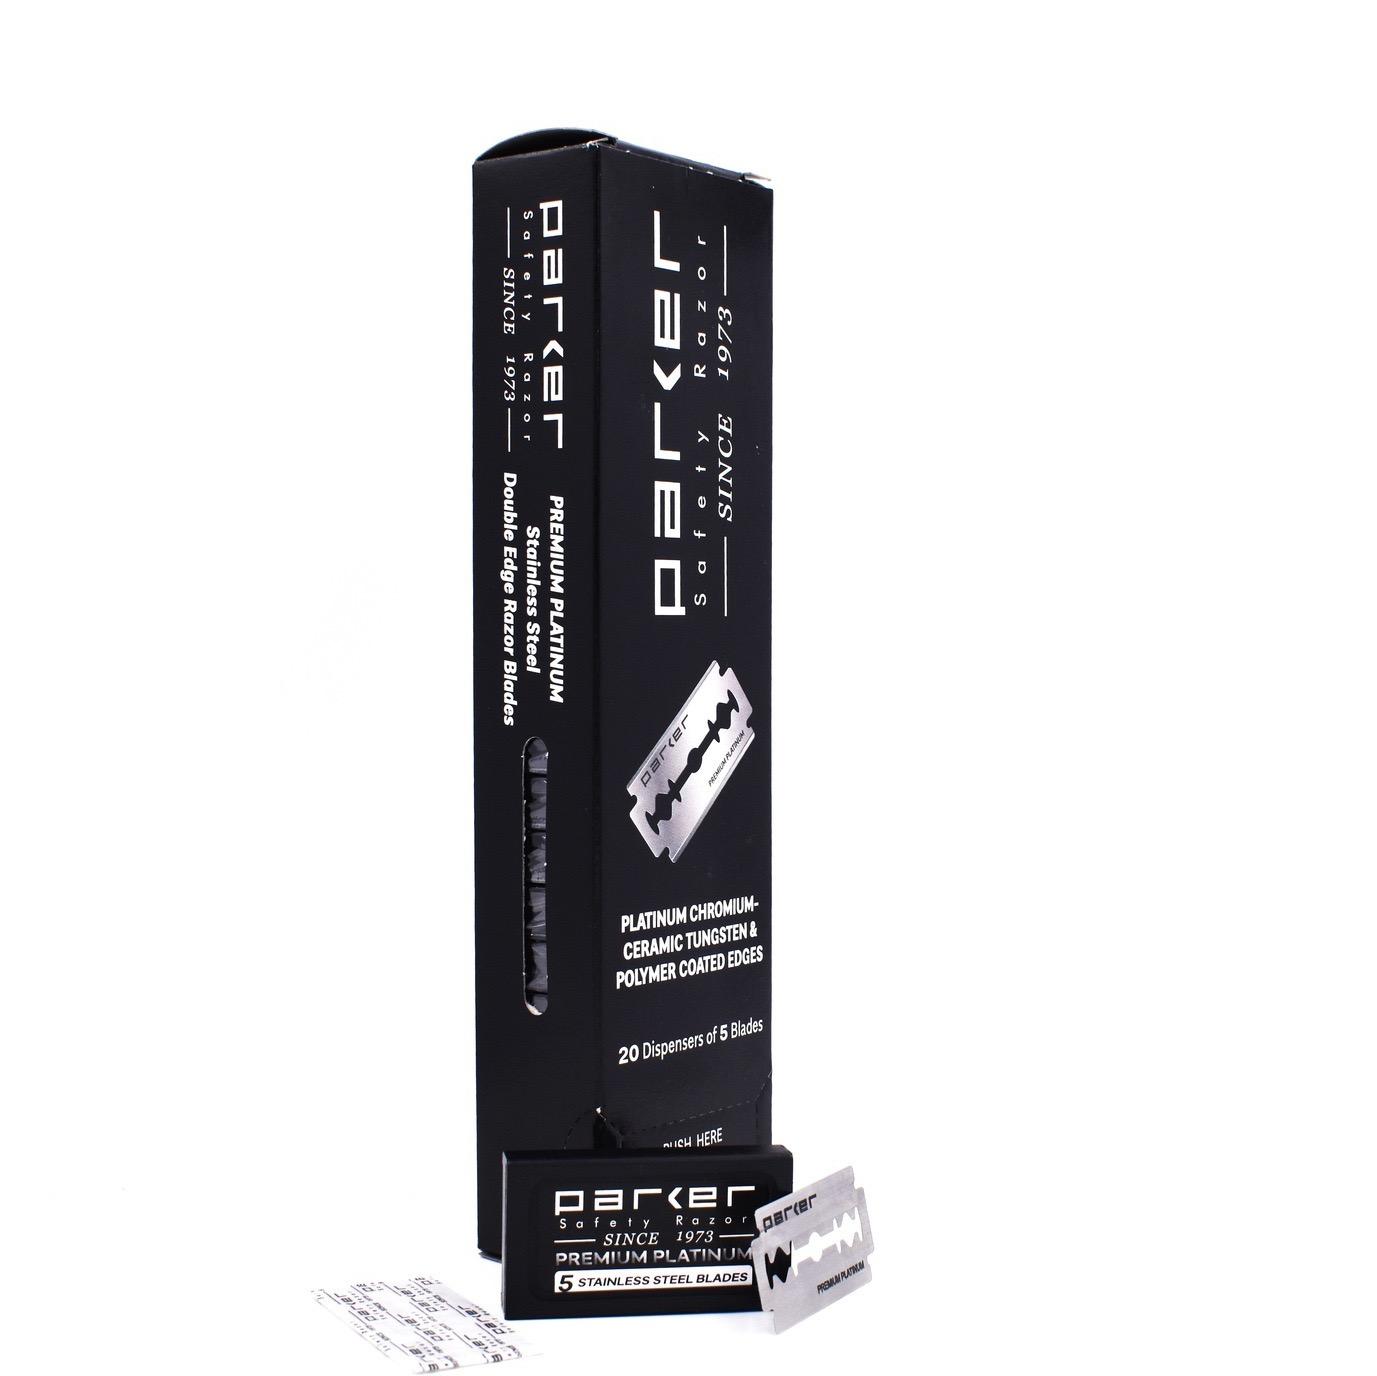 Box - Double Edge Blades Premium Platinum